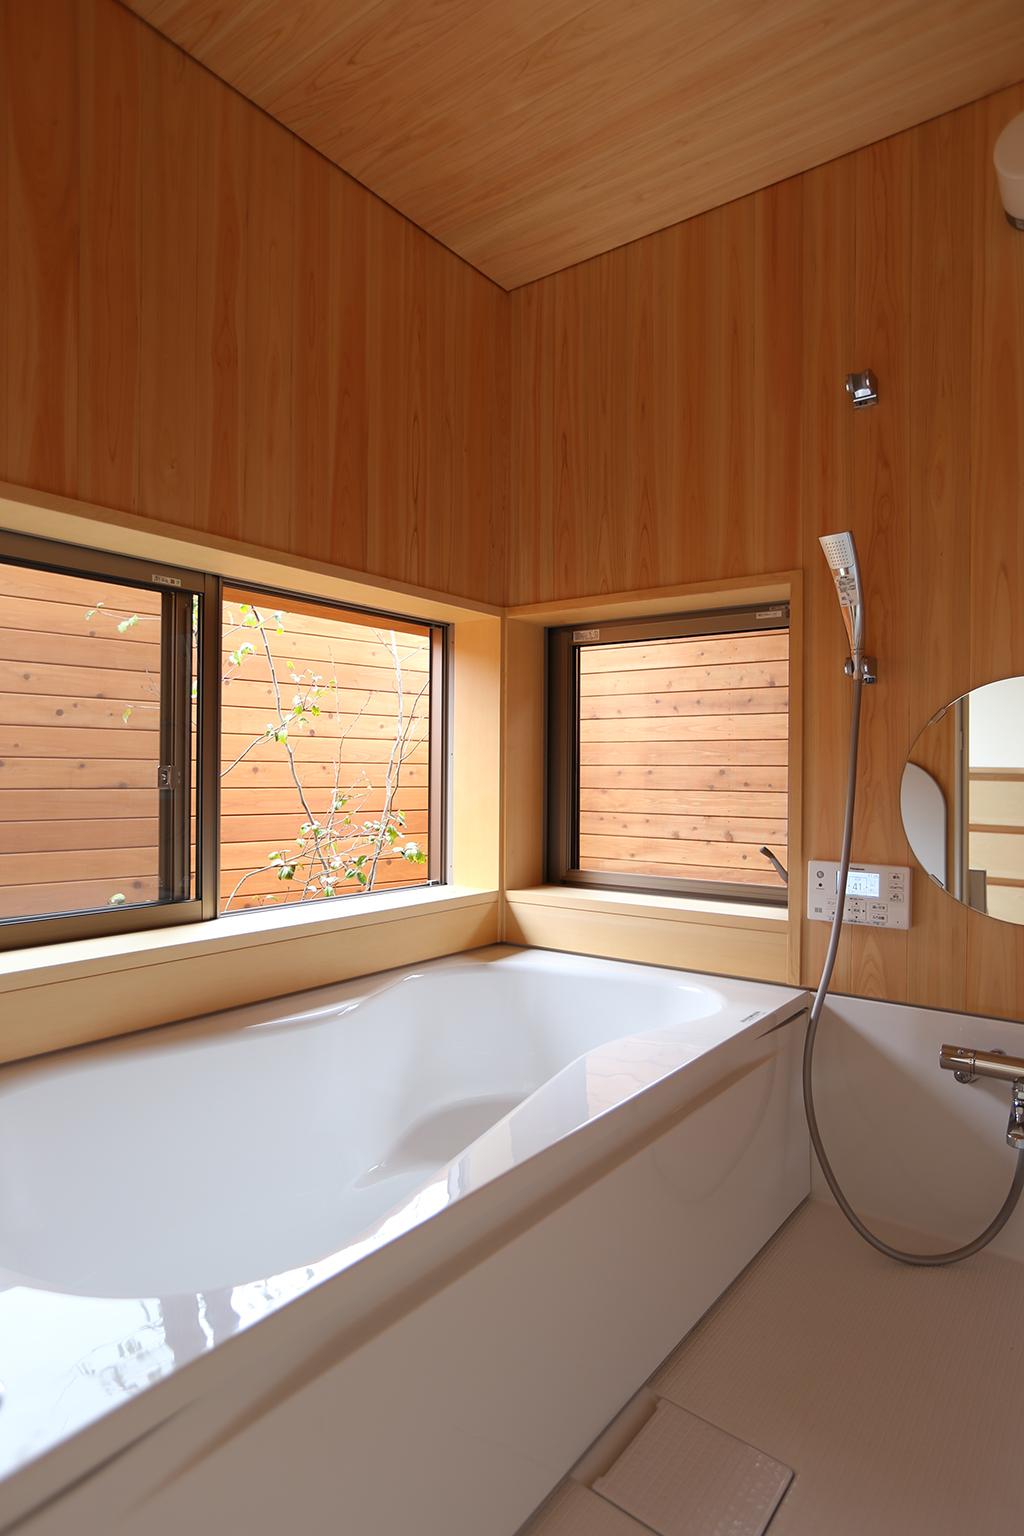 揖保郡の木の家 坪庭のある桧貼りの浴室